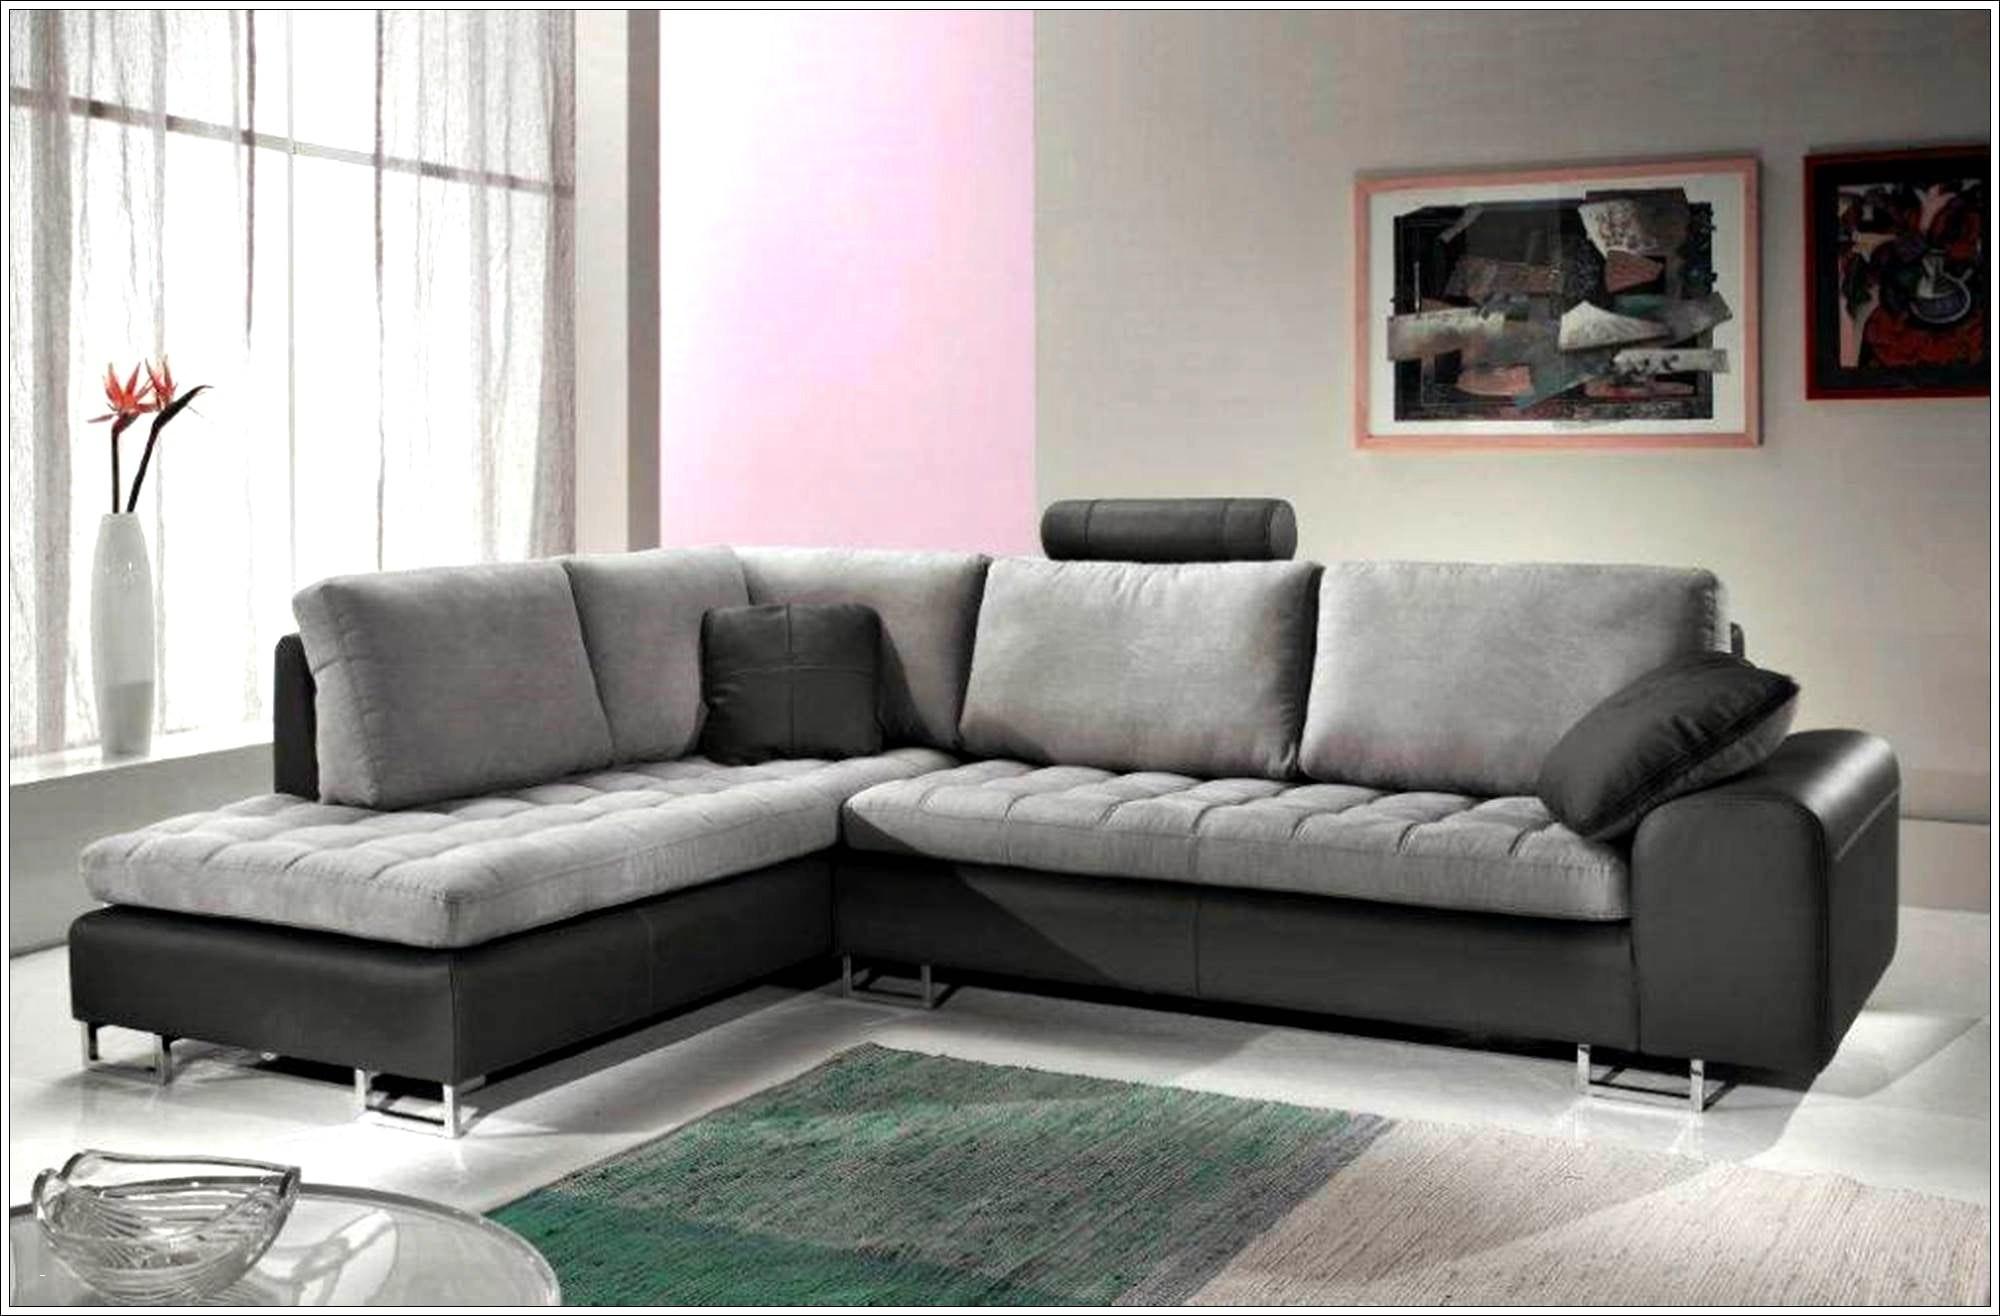 Canapé Convertible Lit Superposé Pas Cher Élégant Photos Mini Canapé Pour Chambre Unique Lit En Hauteur Conforama 19 Superpos